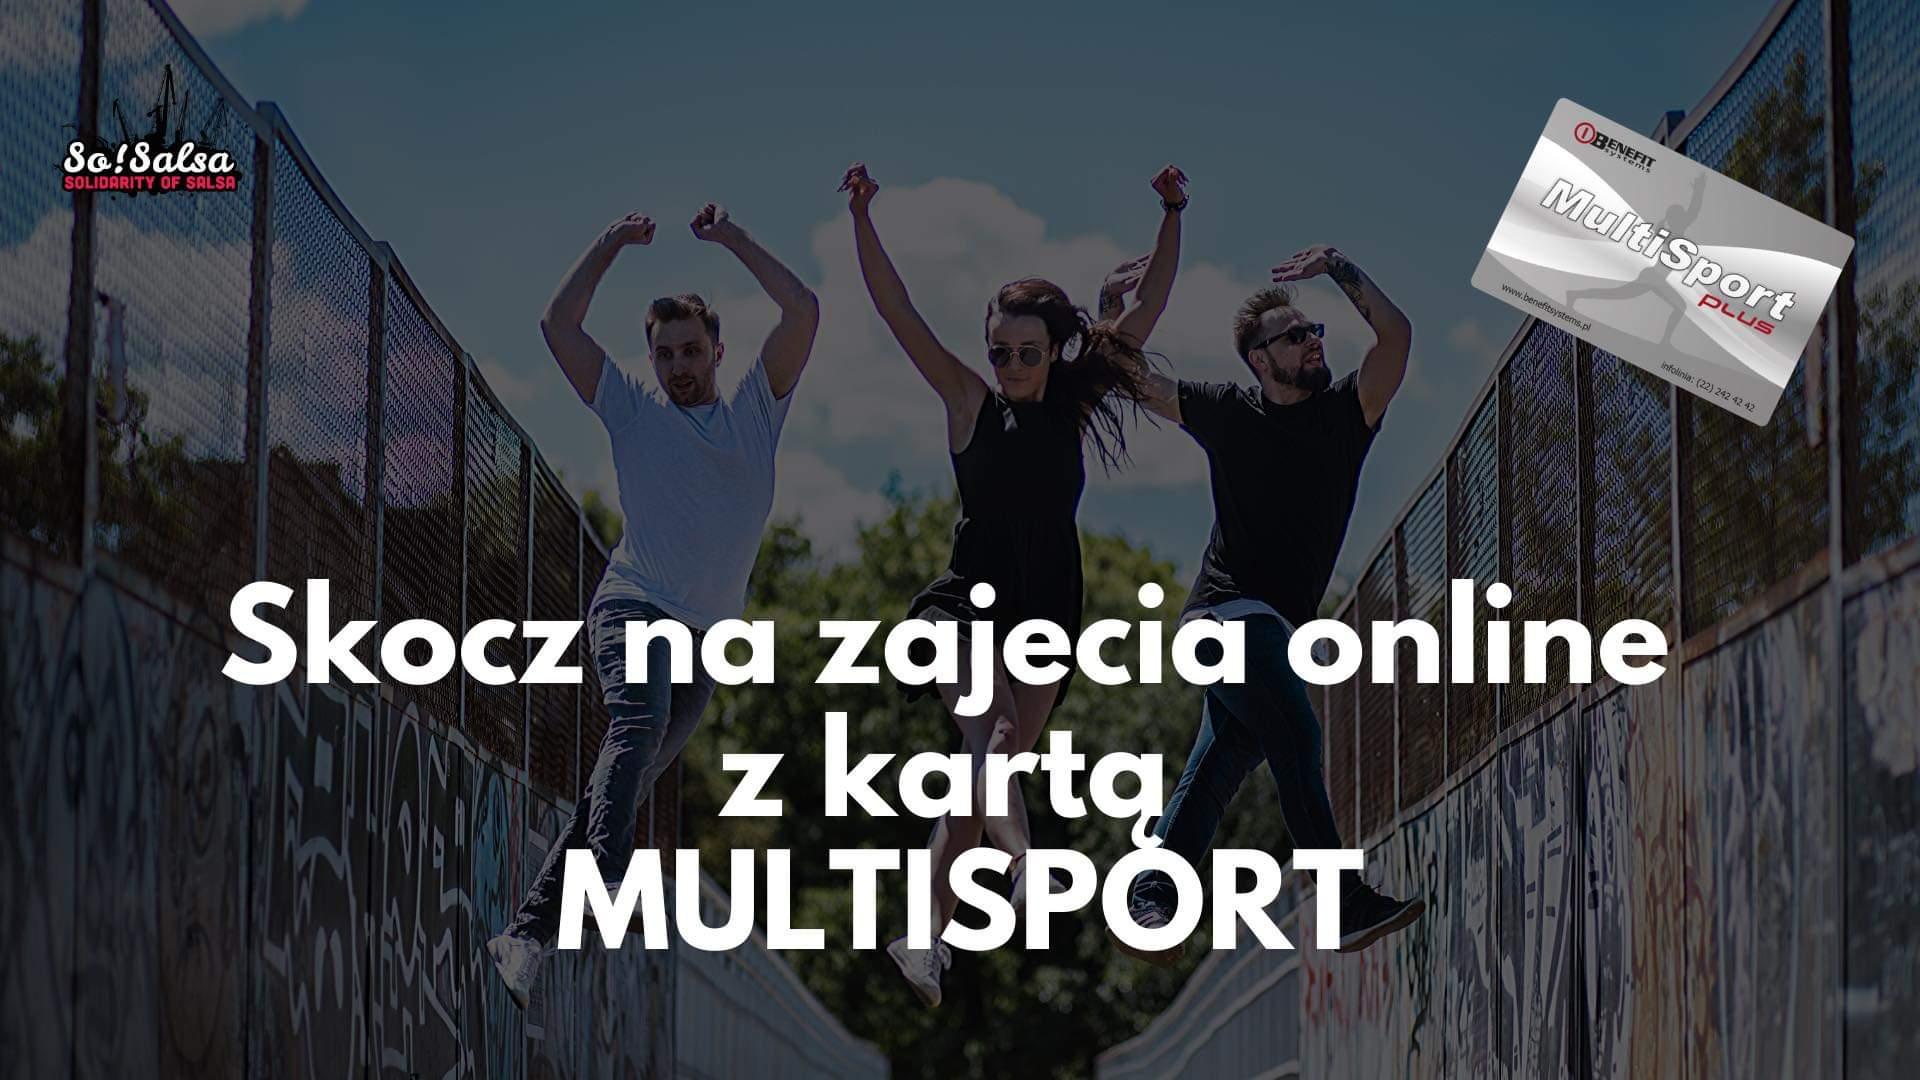 Multisport aktywny na platformie online www.livesosalsa.pl